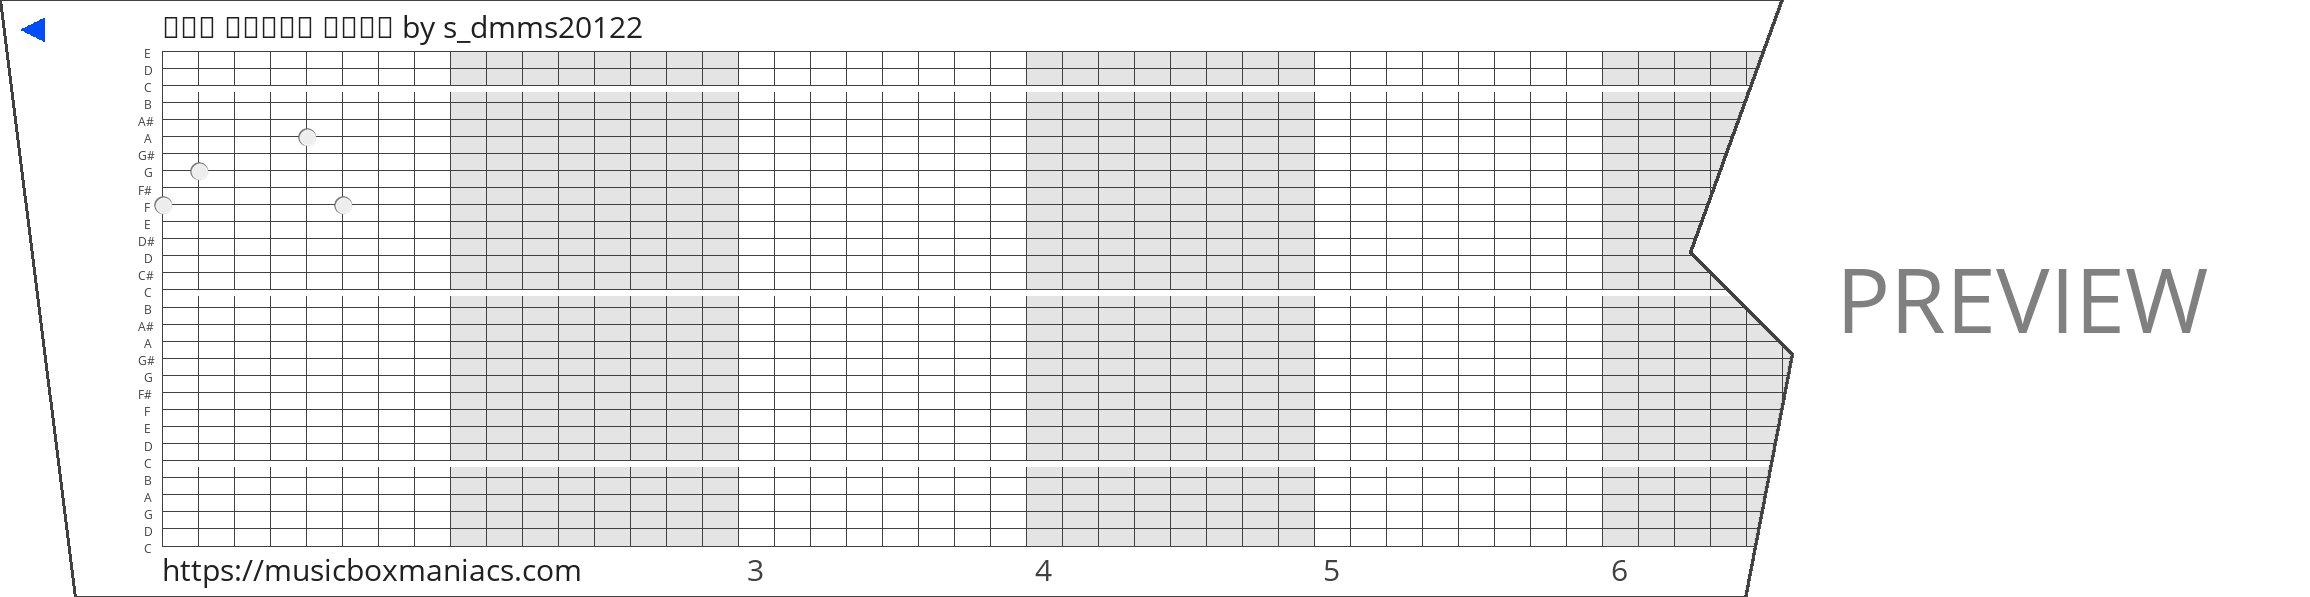 언제나 몇번이라도 만드는중 30 note music box paper strip